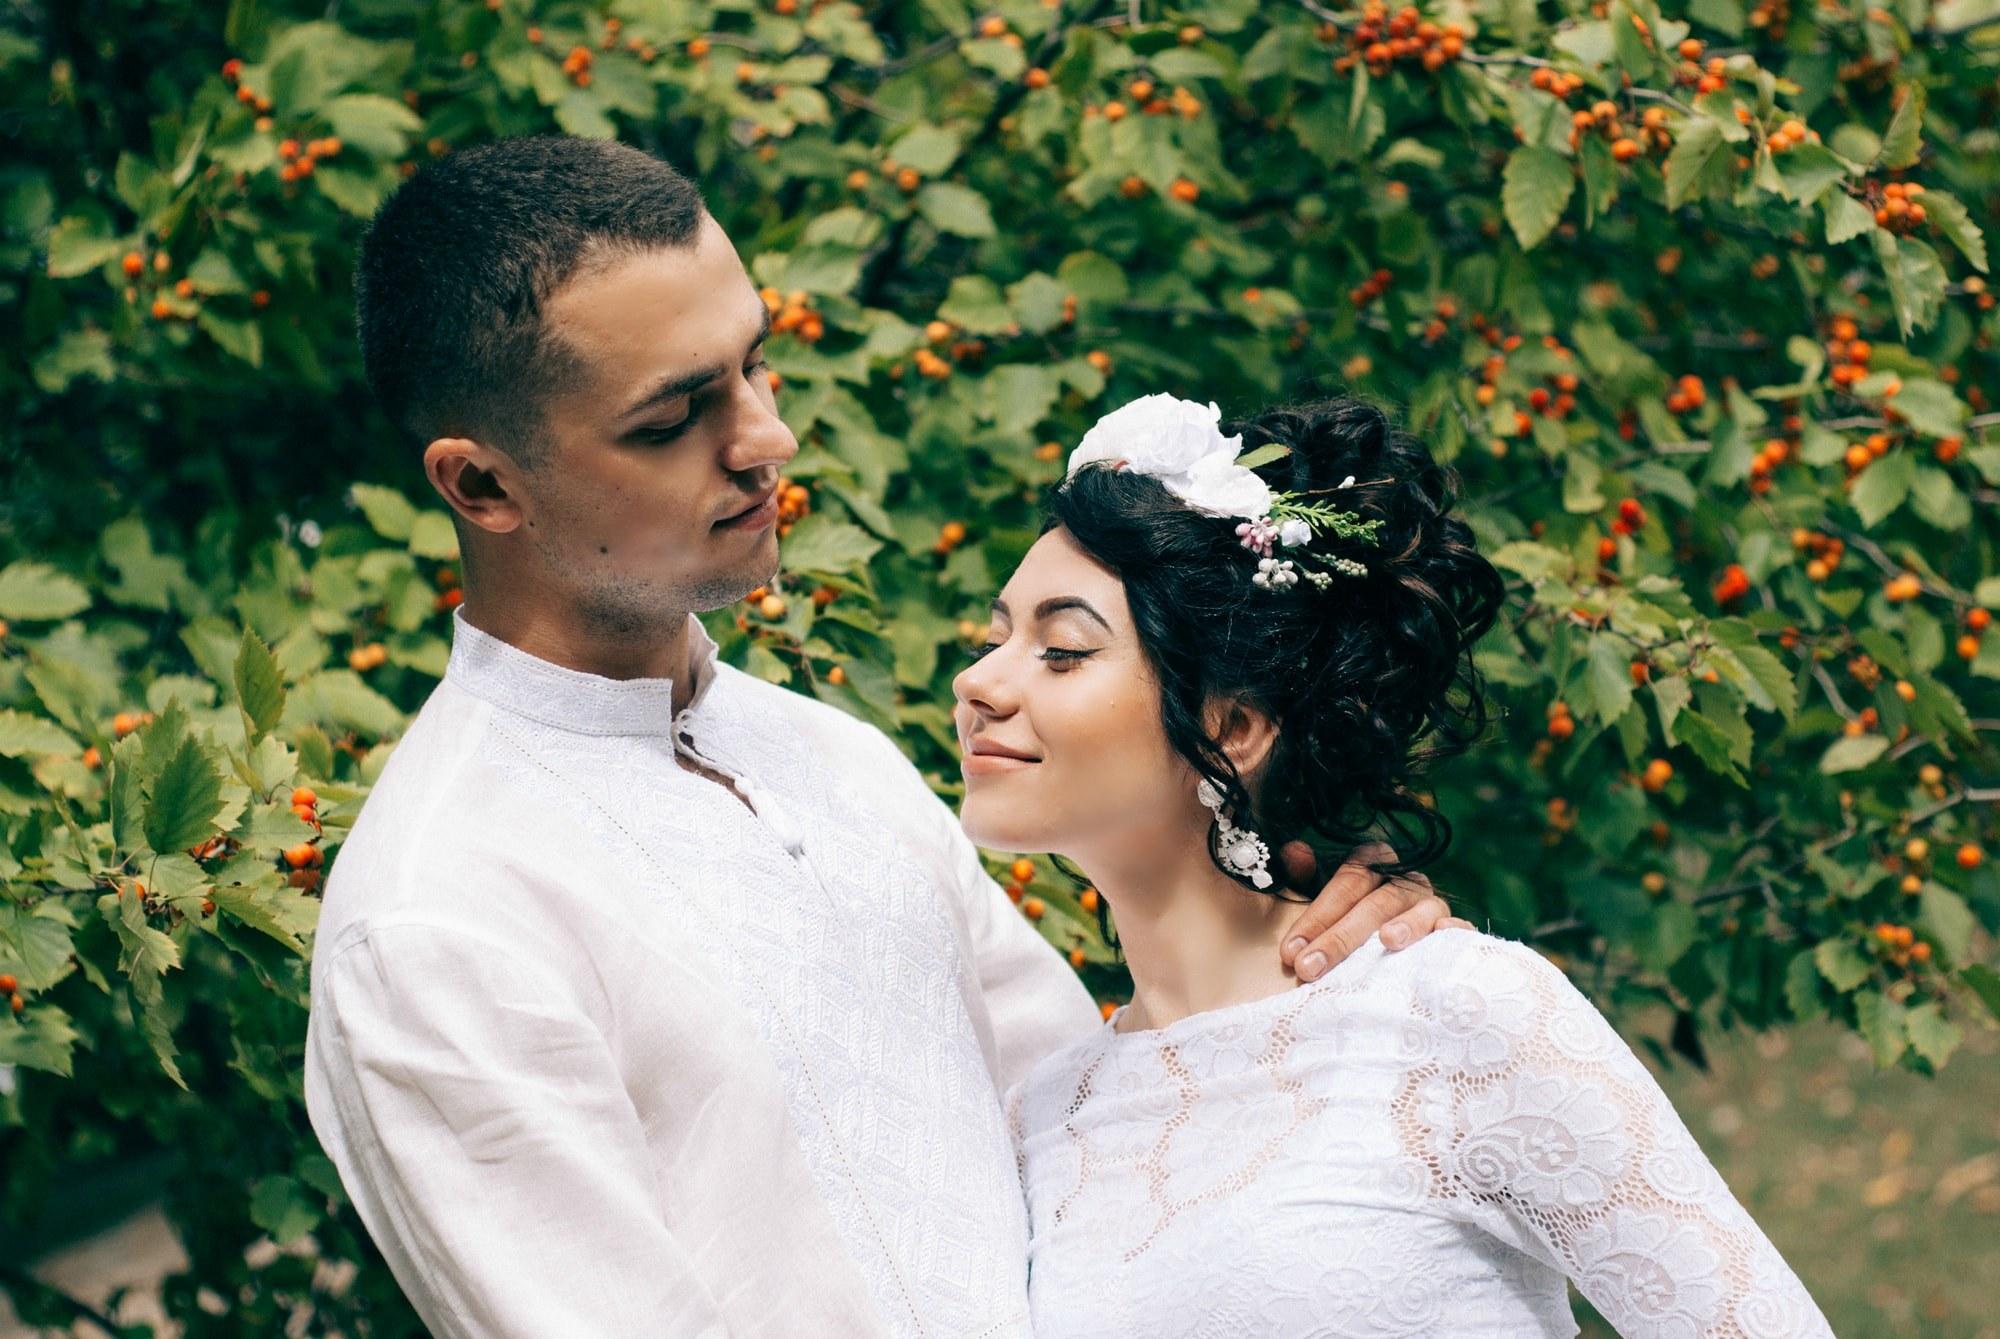 Счастливые моменты свадебного дня - Фотограф Киев - Женя Лайт